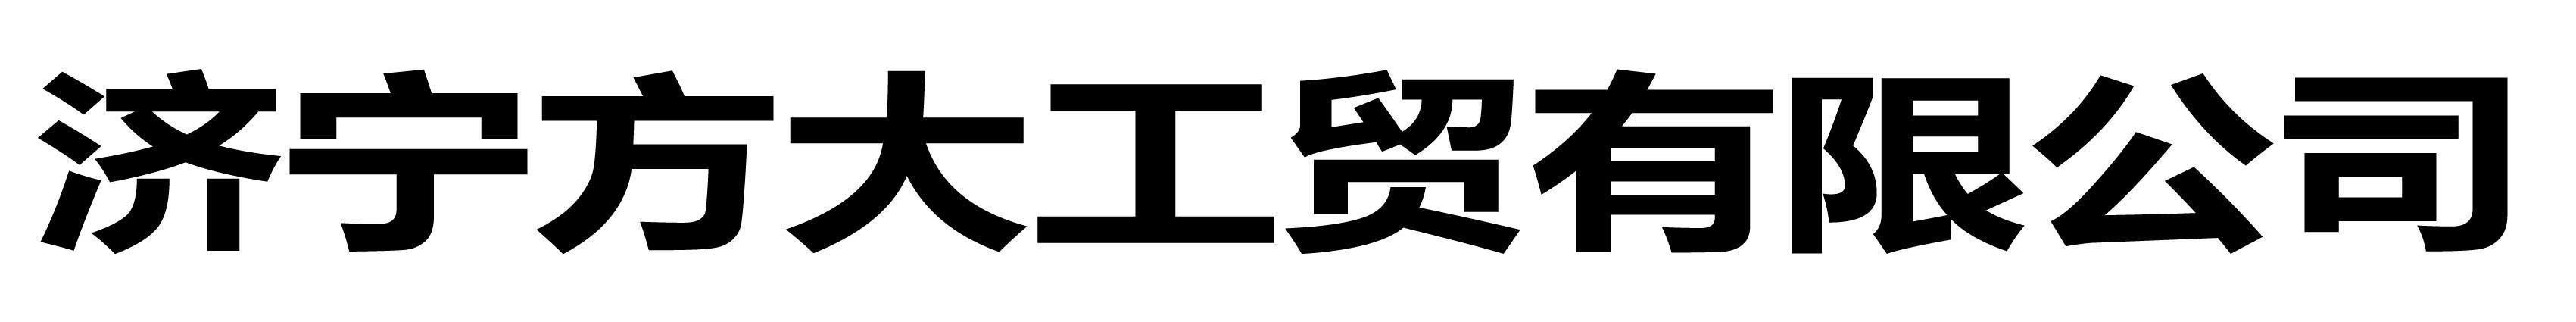 济宁方大工贸有限公司